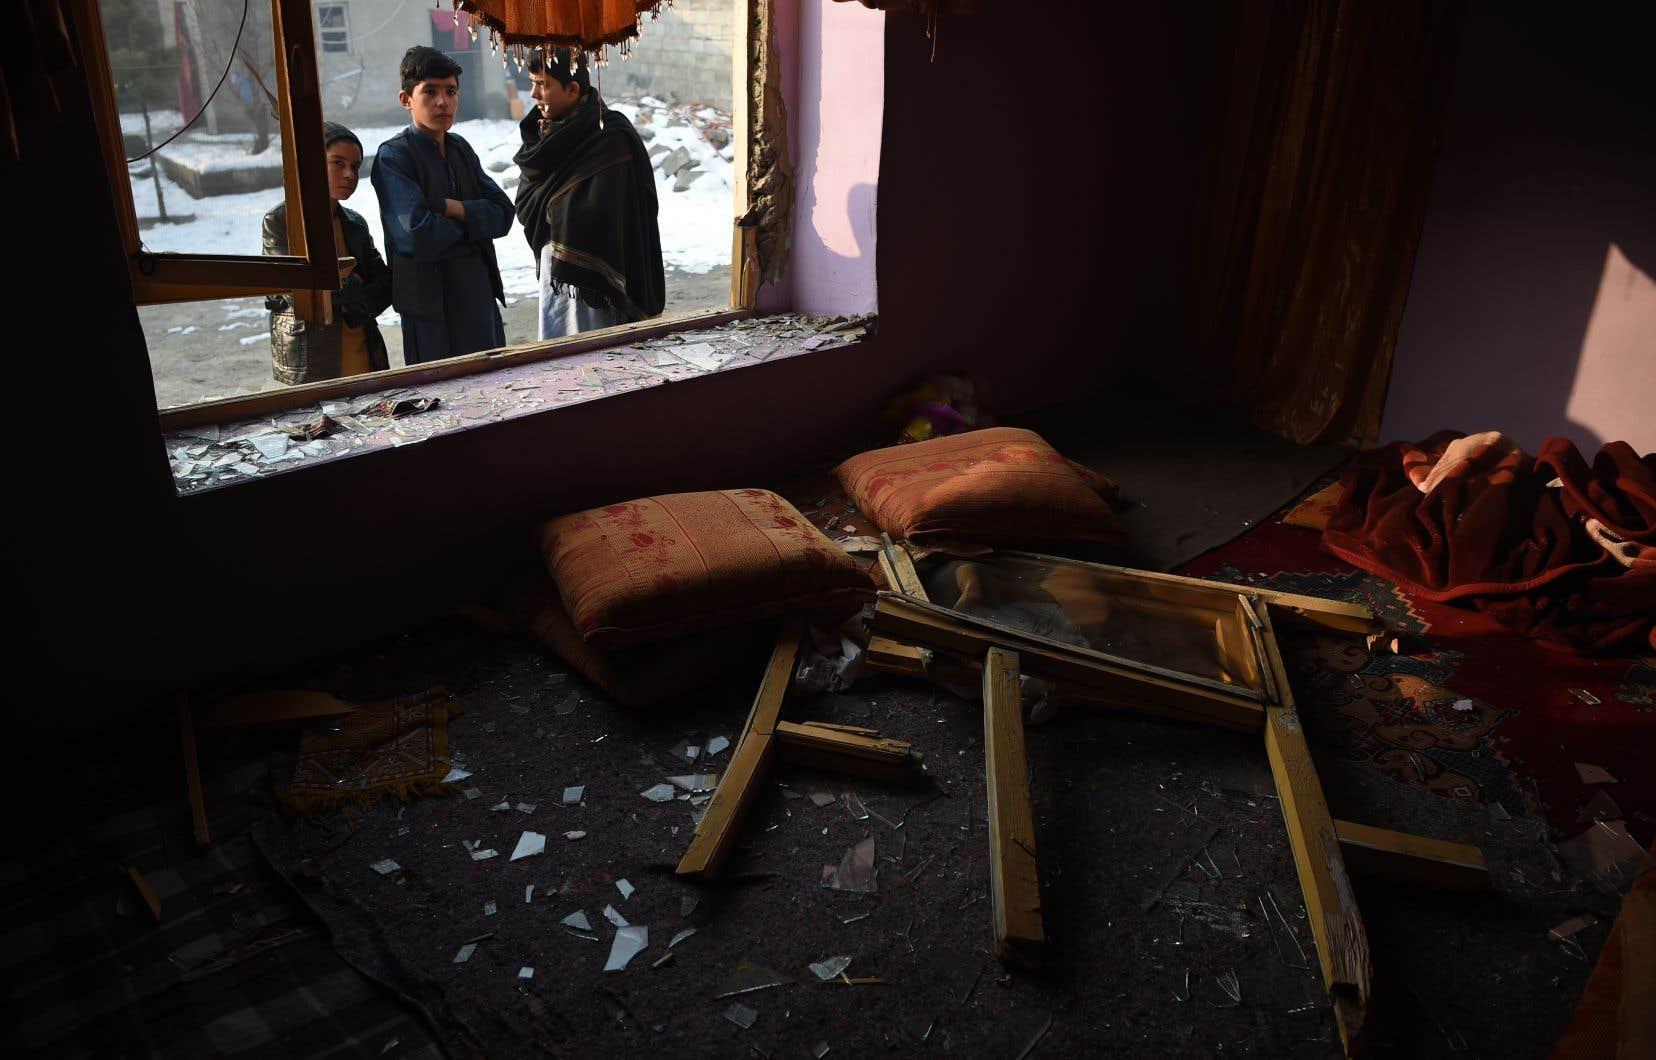 Avec 4180 décès, l'Afghanistan redevient toutefois le pays «le plus dangereux du monde».